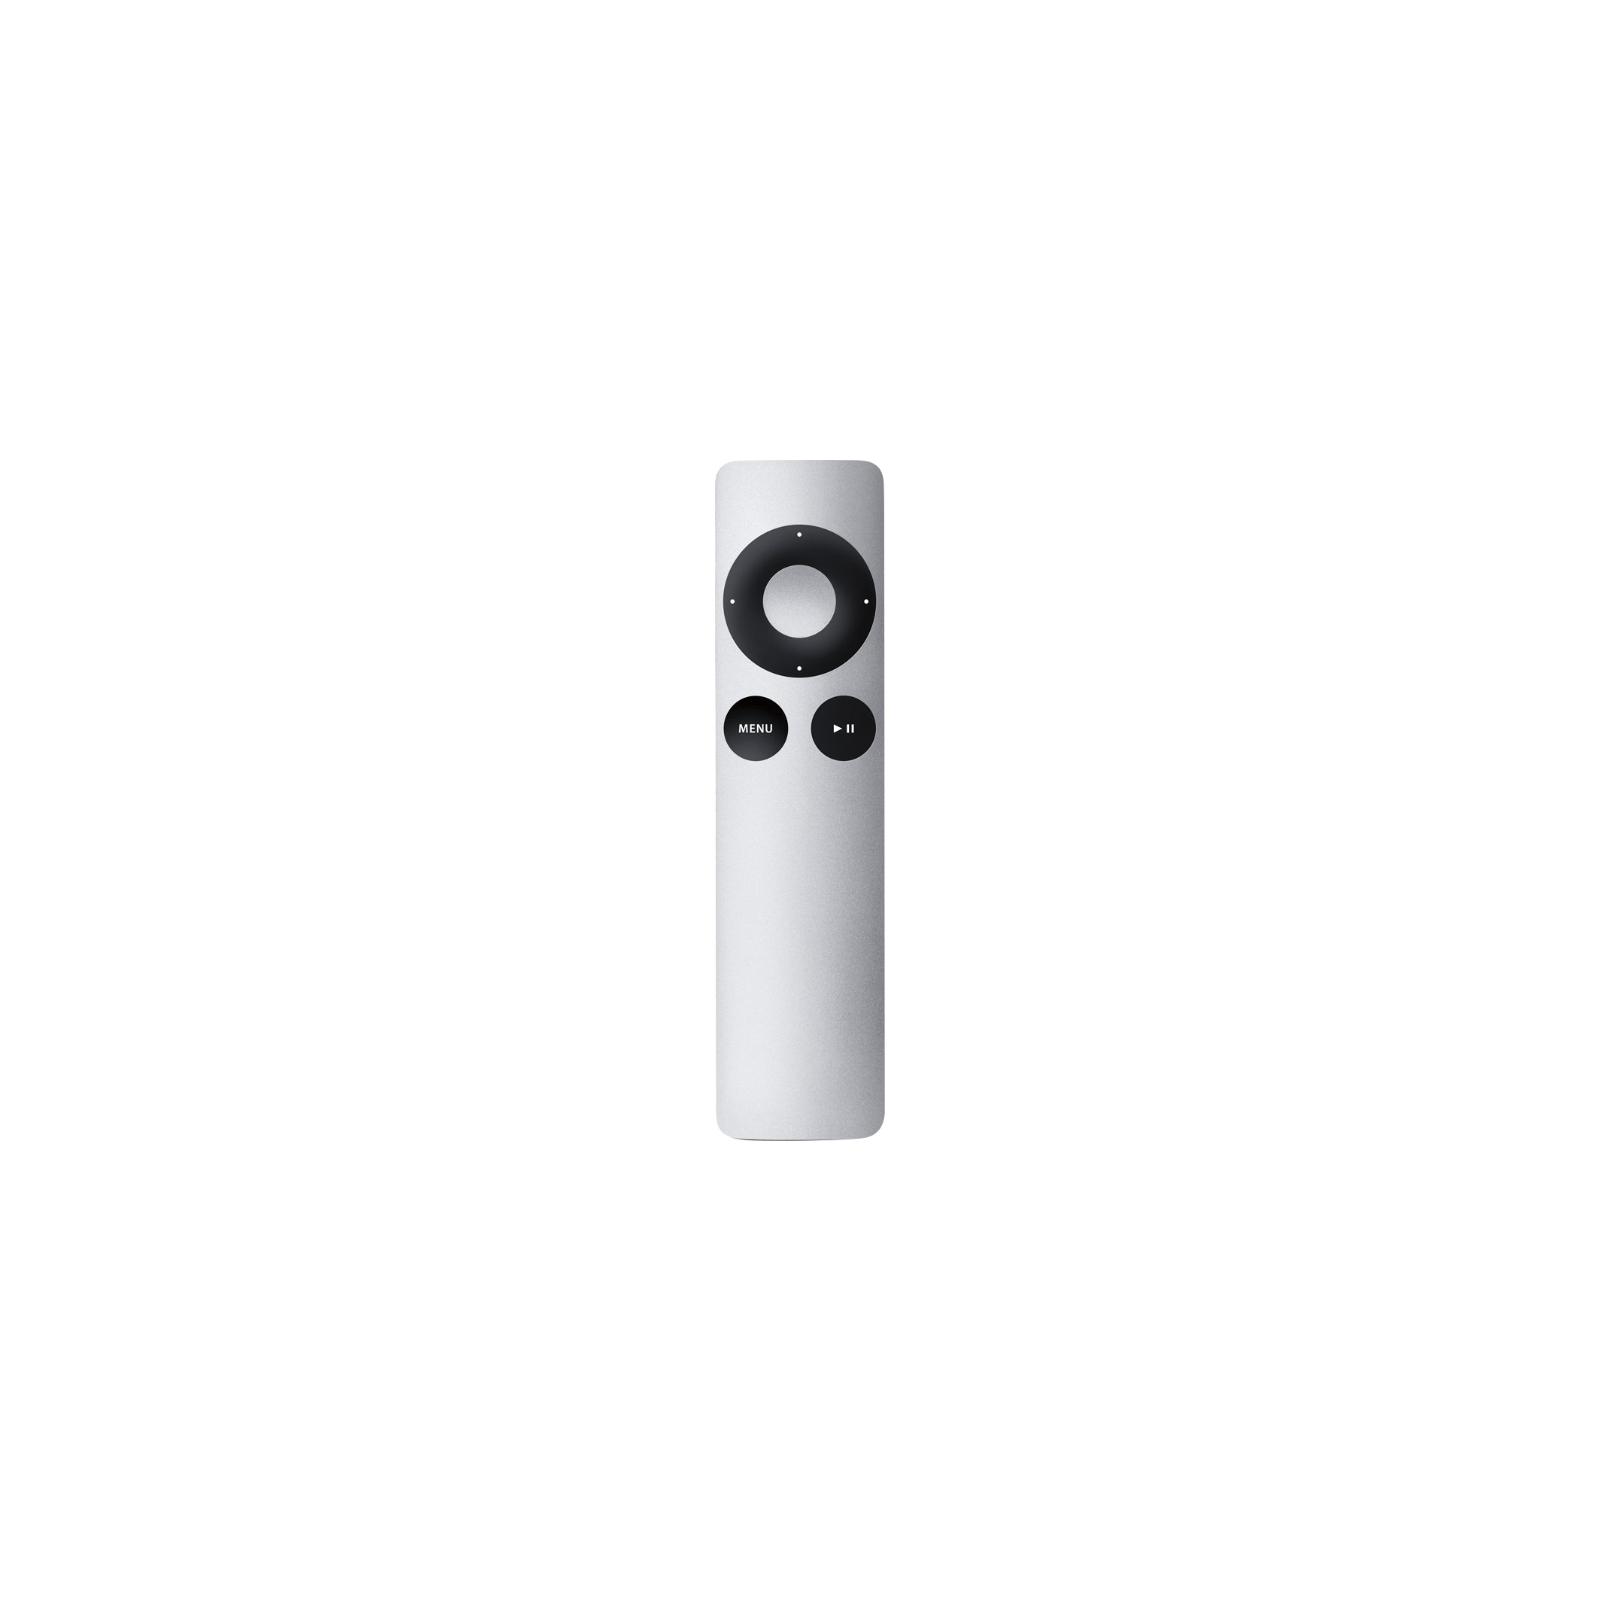 Медиаплеер Apple TV A1469 (Wi-Fi) (MD199RS/A) изображение 6